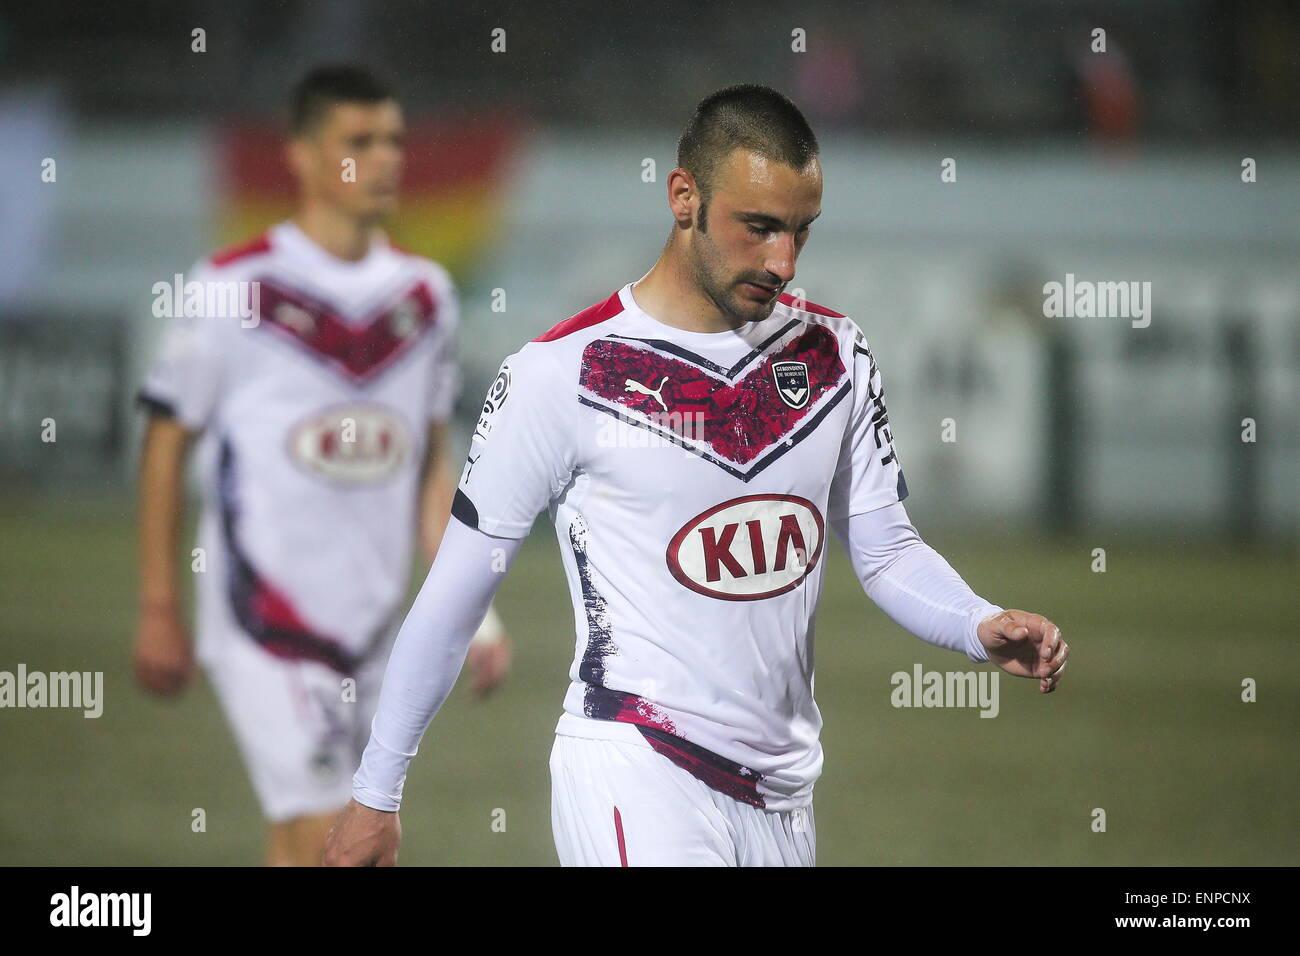 Diego contento - 02.05.2015 - Lorient/Bordeaux - 35eme journee de Ligue 1 .Photo : Vincent Michel/Icona Sport Immagini Stock